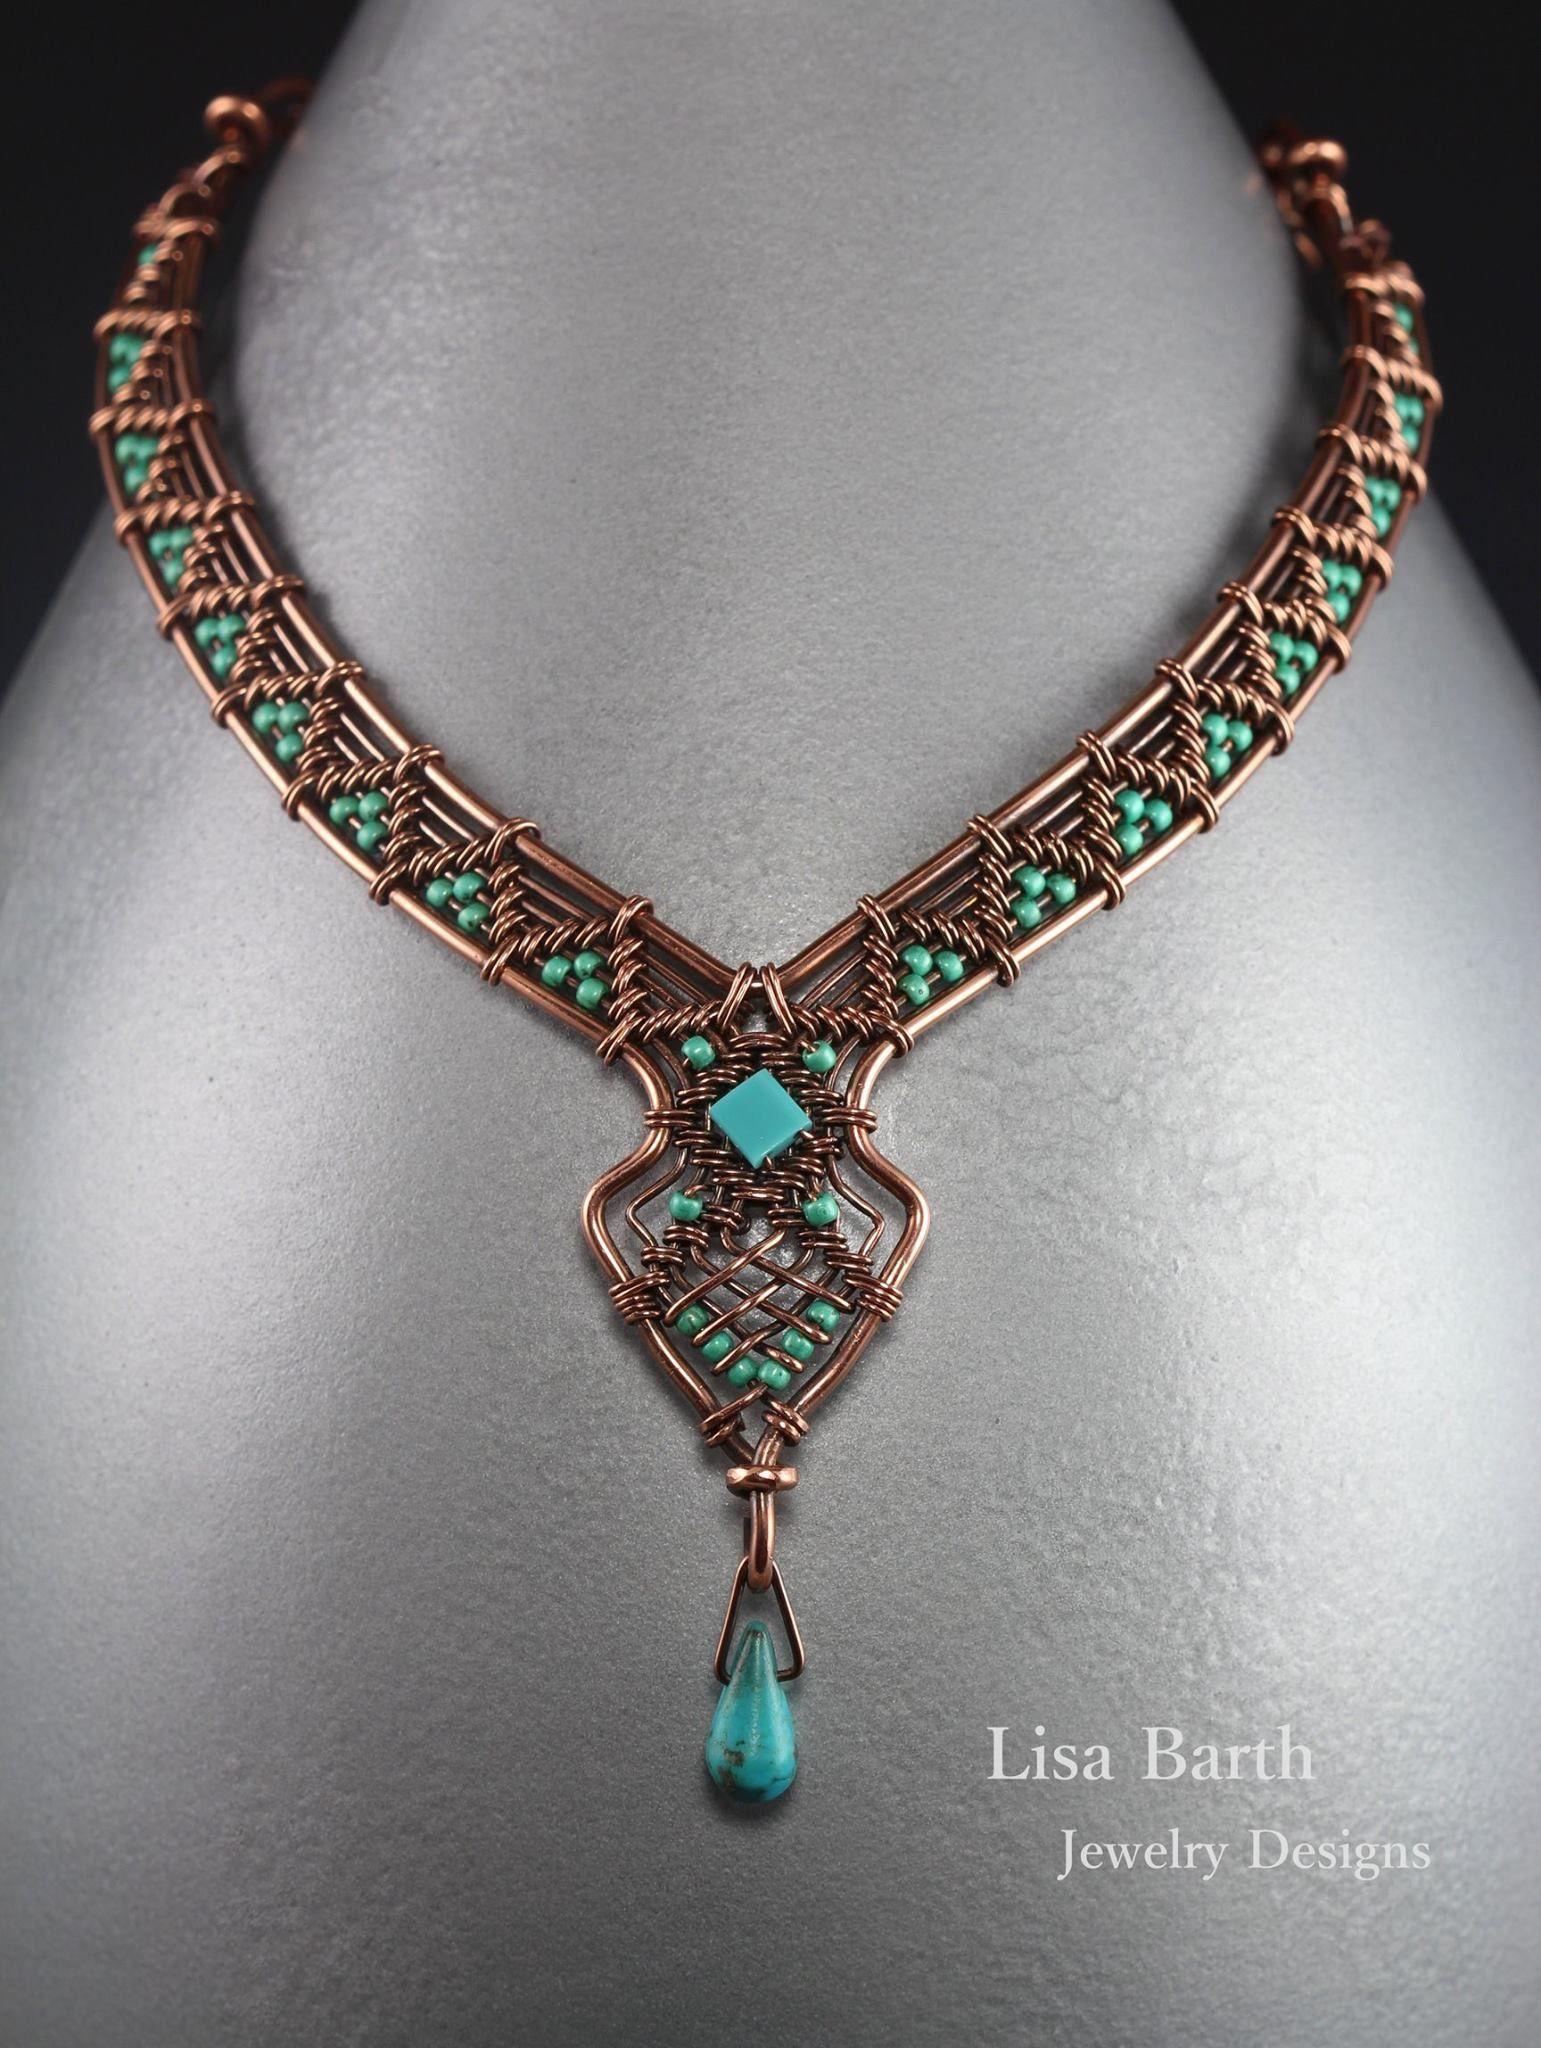 Pin von Karen OBrien auf Wire Jewelry | Pinterest | Schmuck, Basteln ...